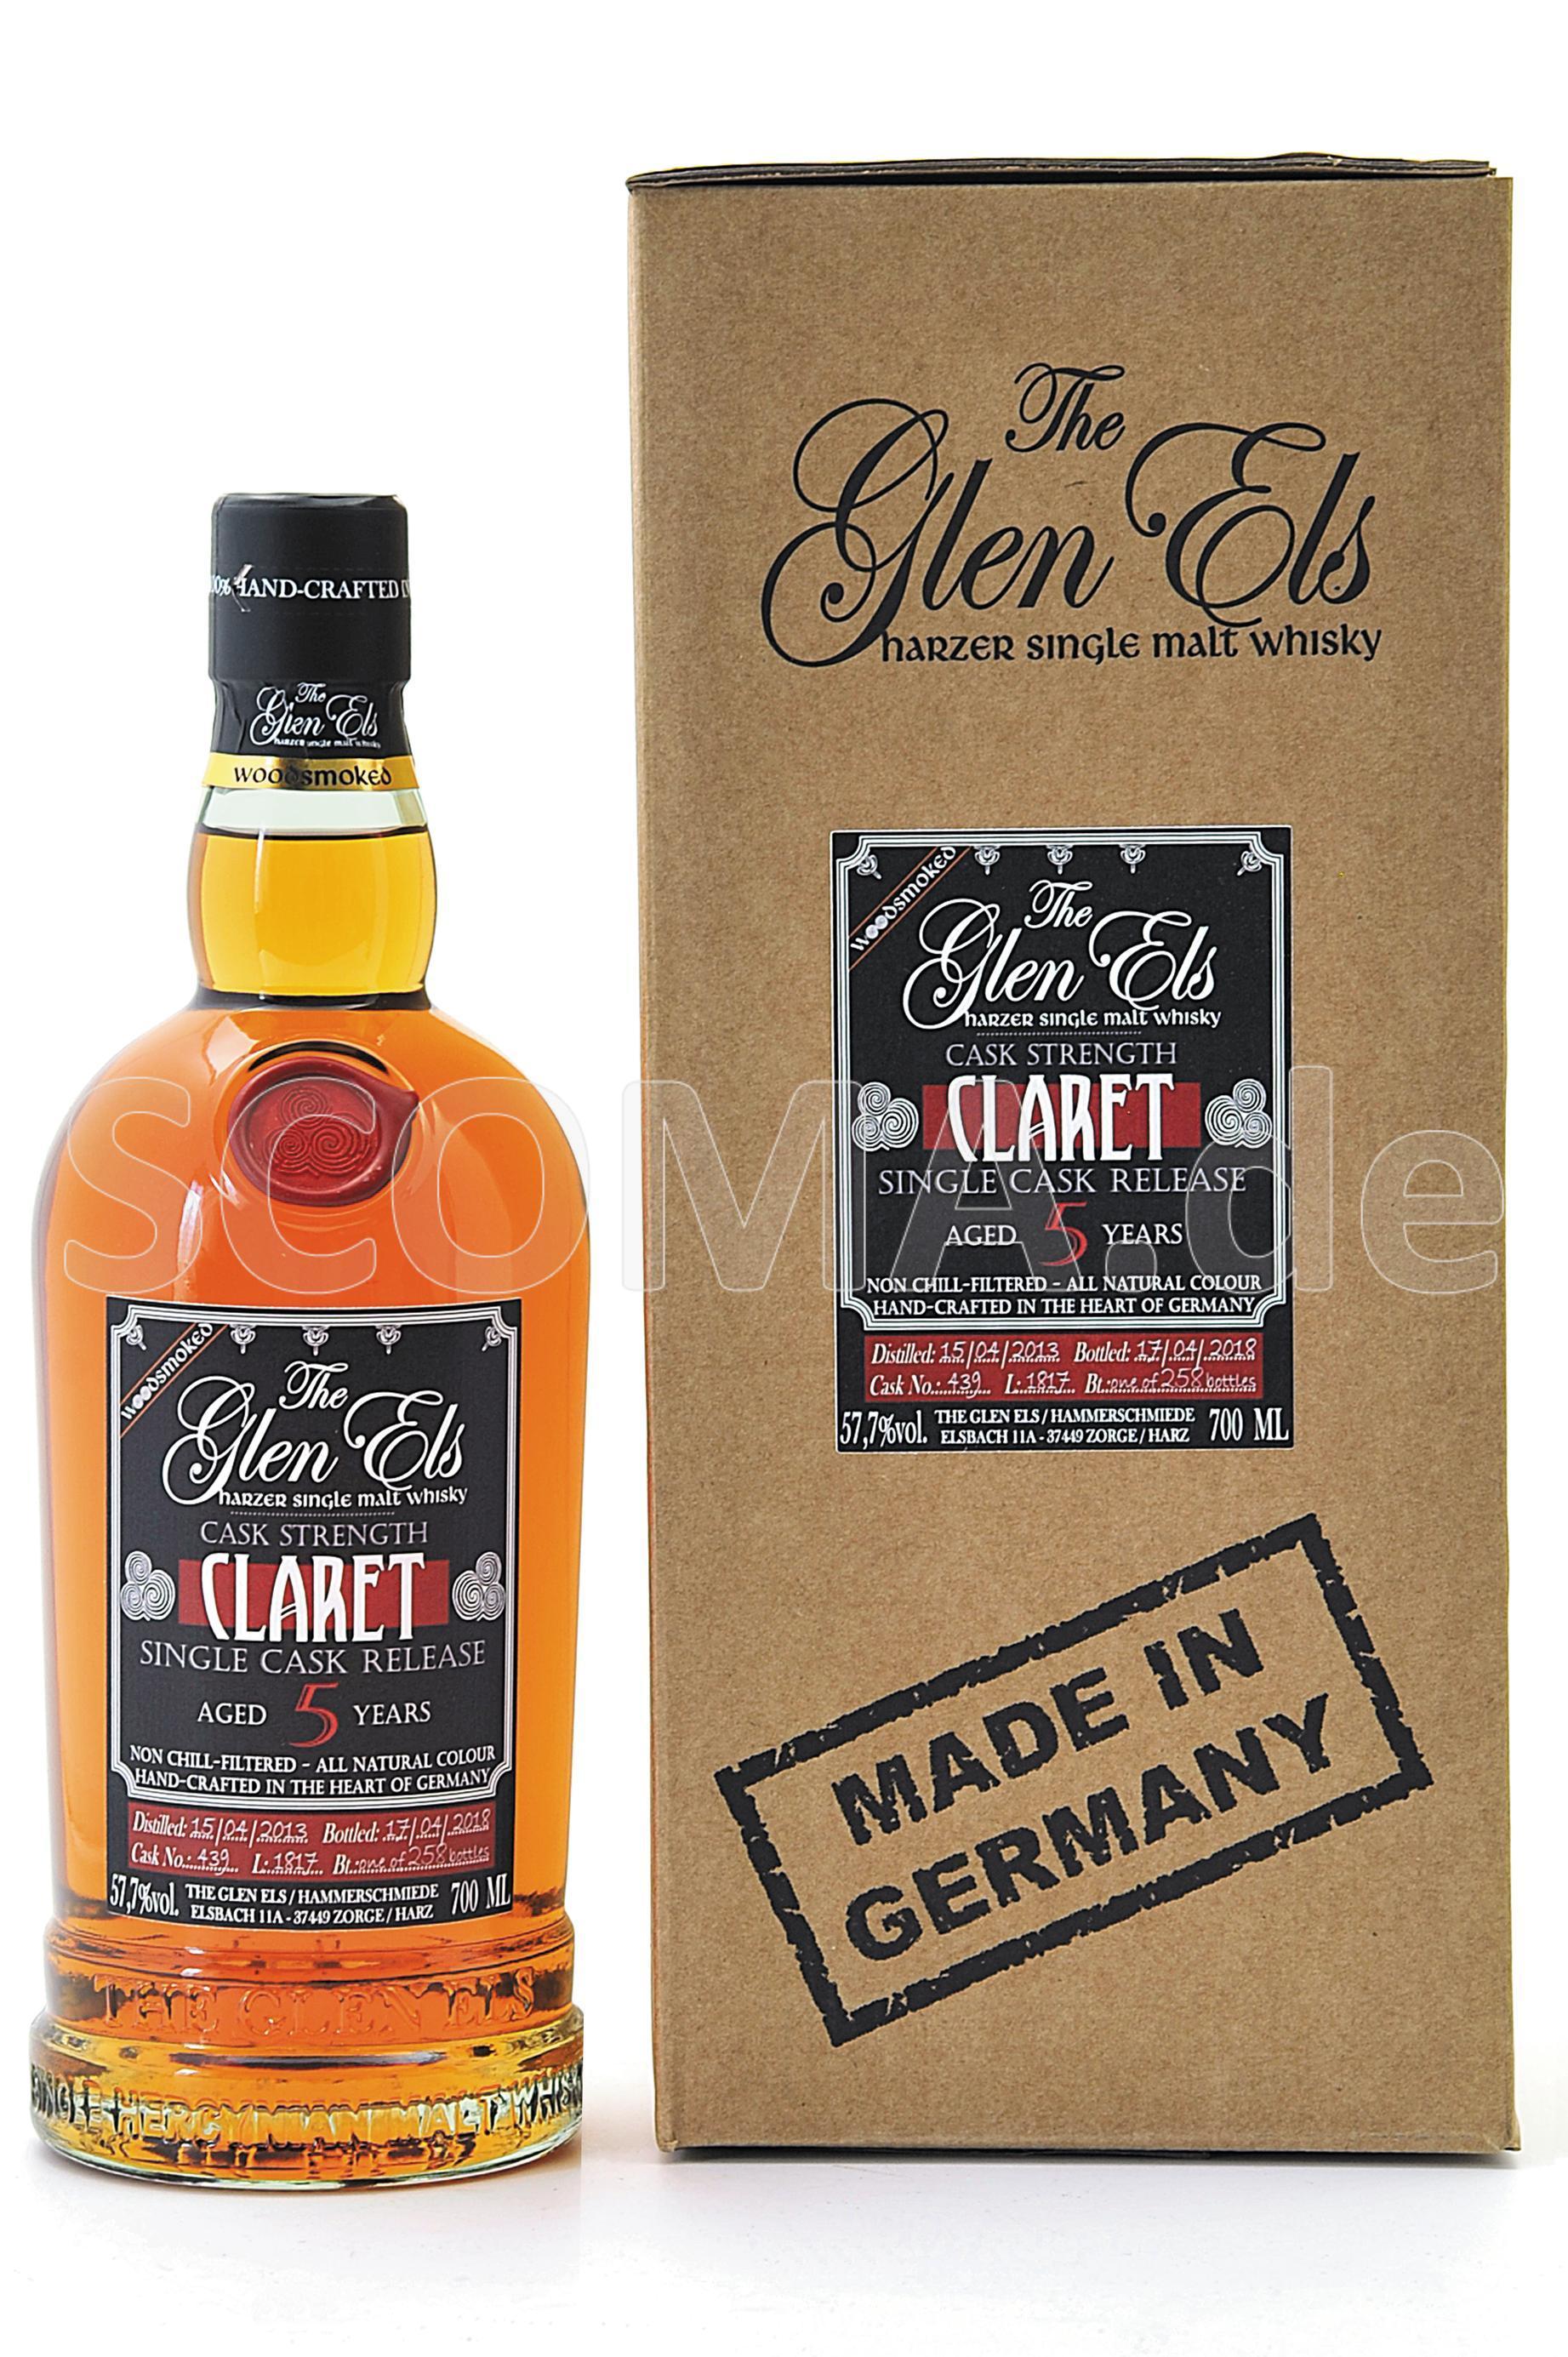 Glen Els 2013/2018 Claret Cask